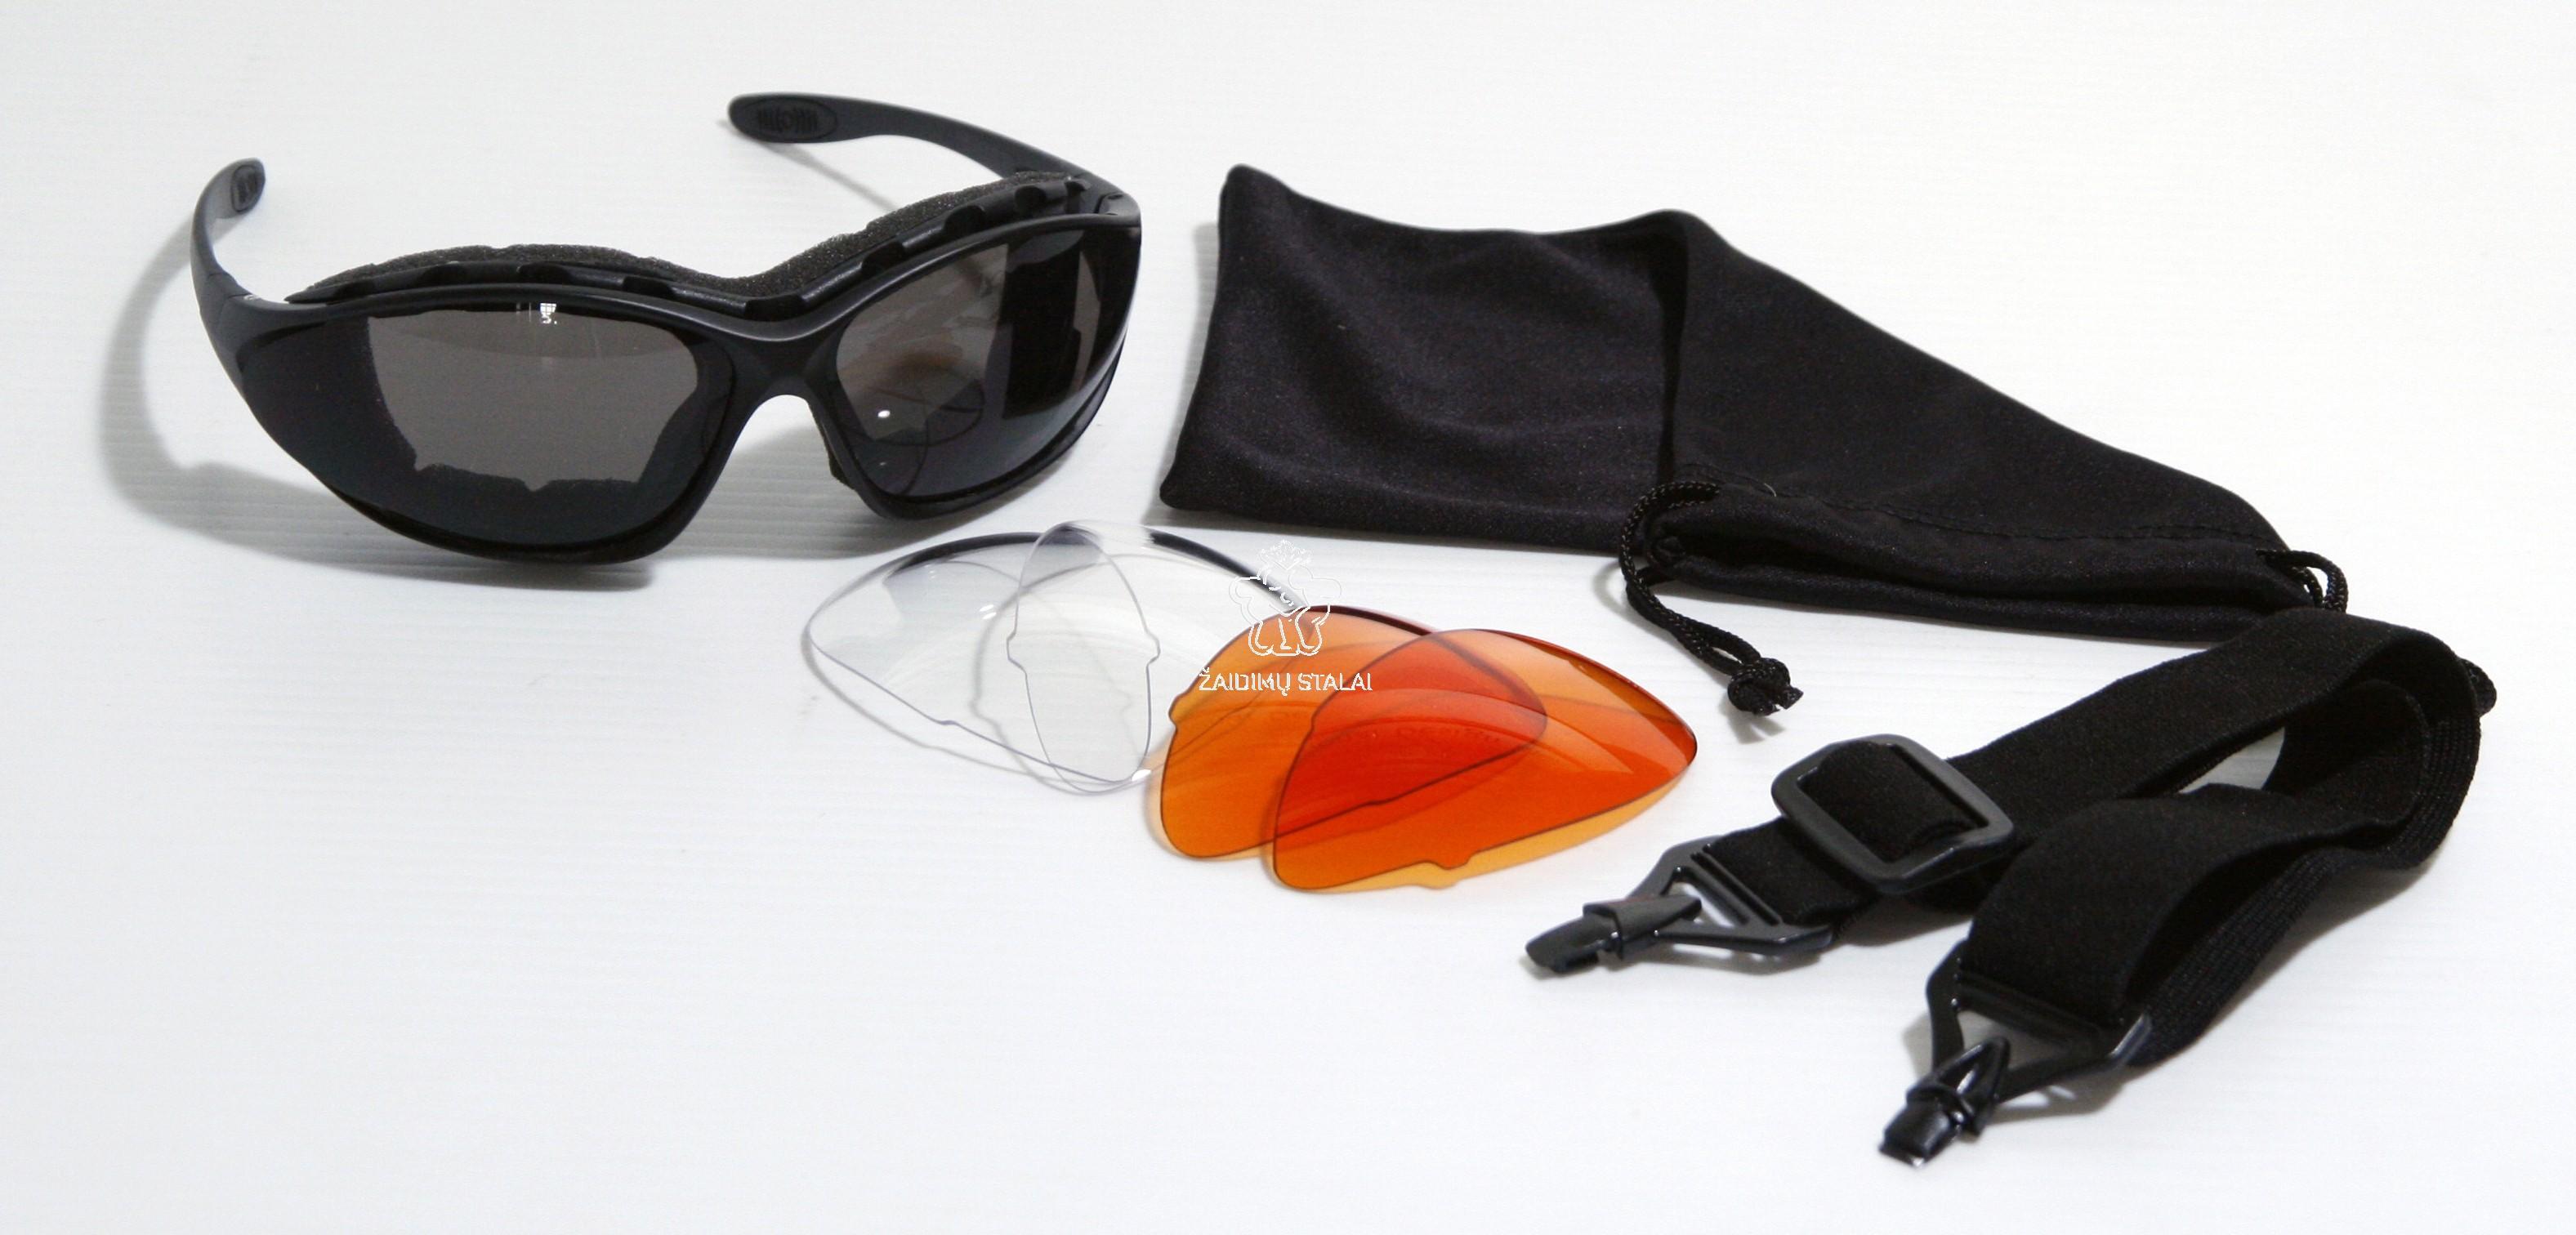 Sportavimo akiniai su 3 stiklų poromis ir dėklu